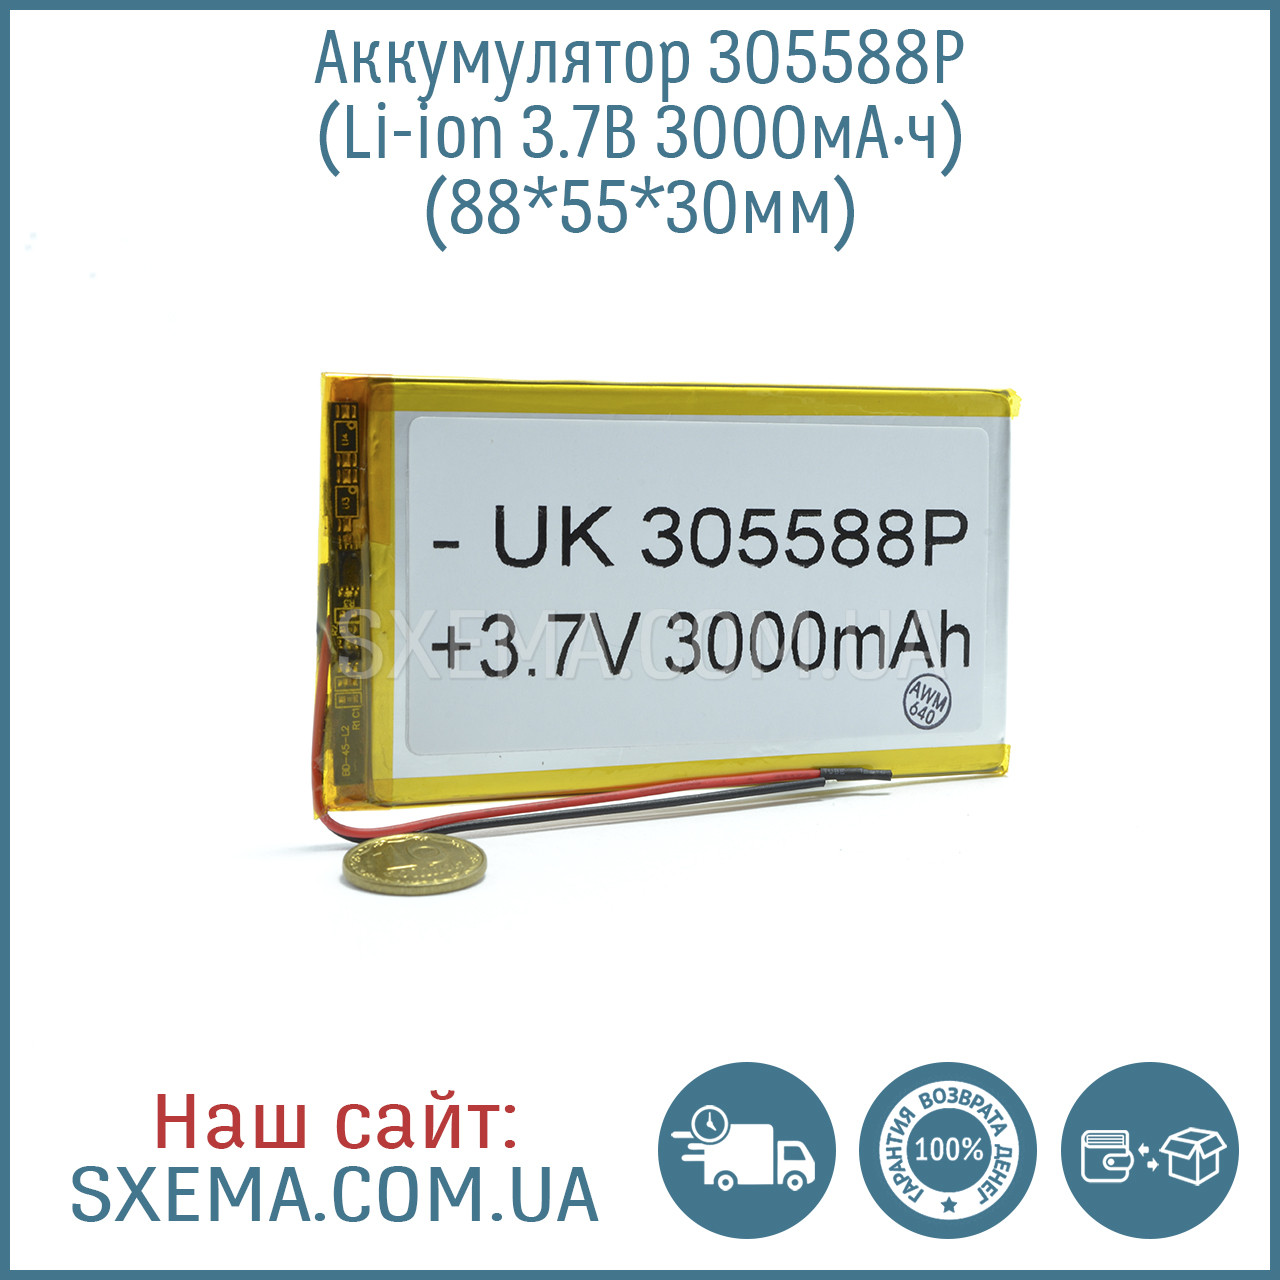 Аккумулятор универсальный 305588 (Li-ion 3.7В 3000мА·ч), (88*55*3 мм)